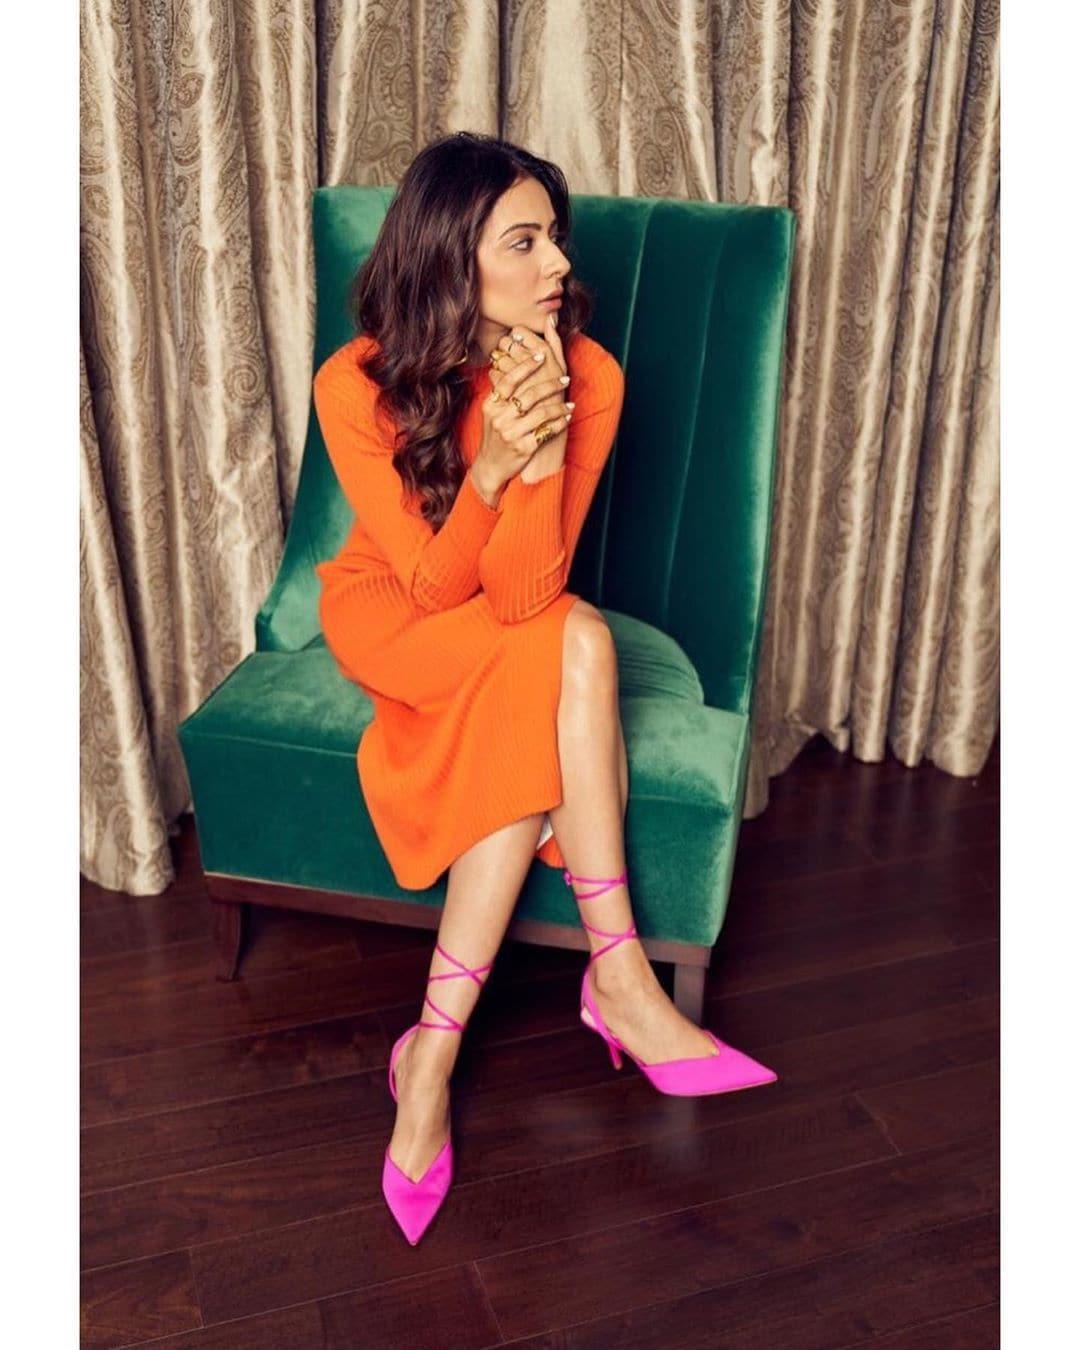 రకుల్ ప్రీత్ సింగ్ ఫోటోస్, Photo: Instagram.com/rakulpreet